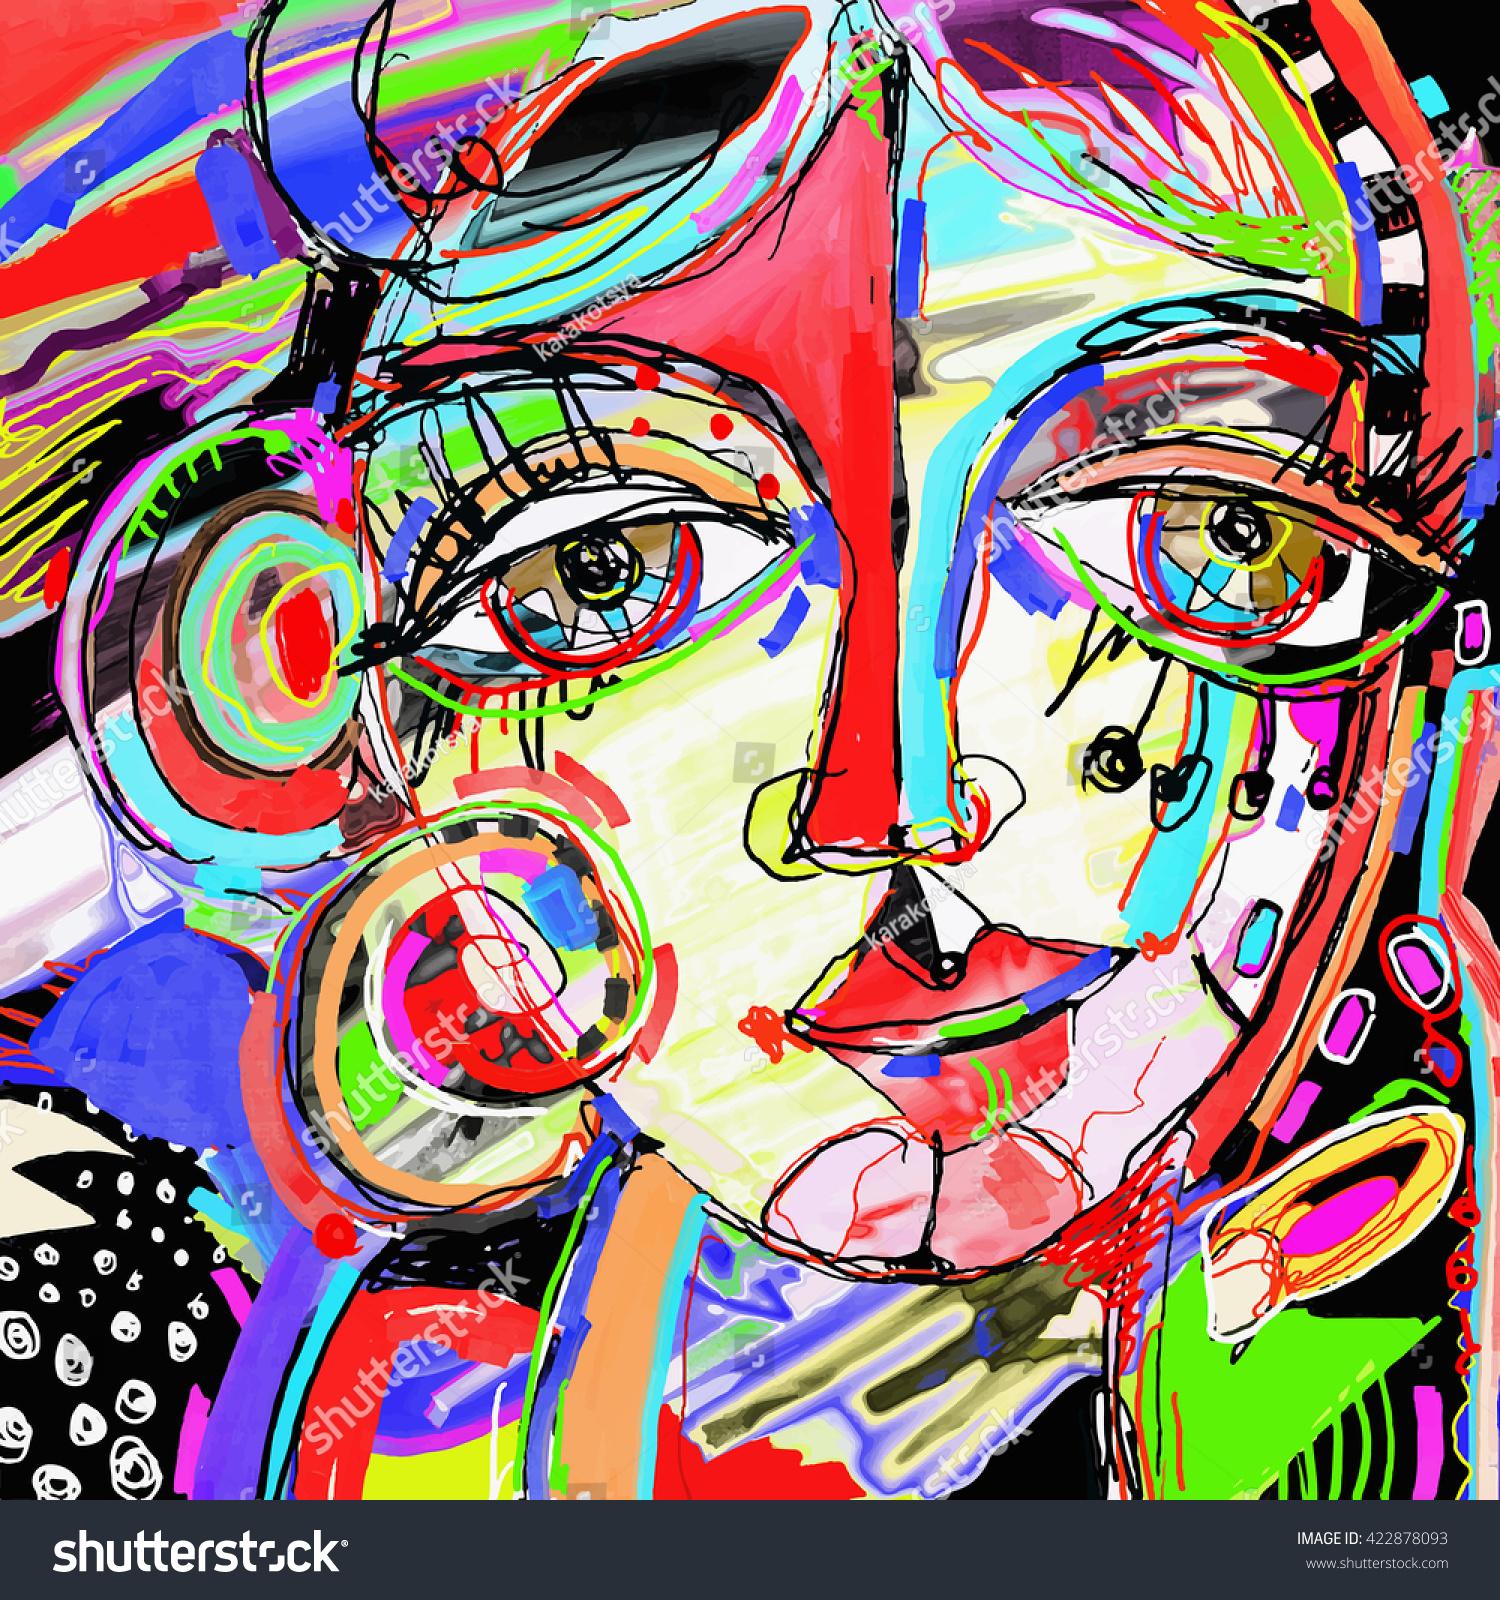 Contemporary Line Drawing Artists : Editor de imagens e fotos on line shutterstock